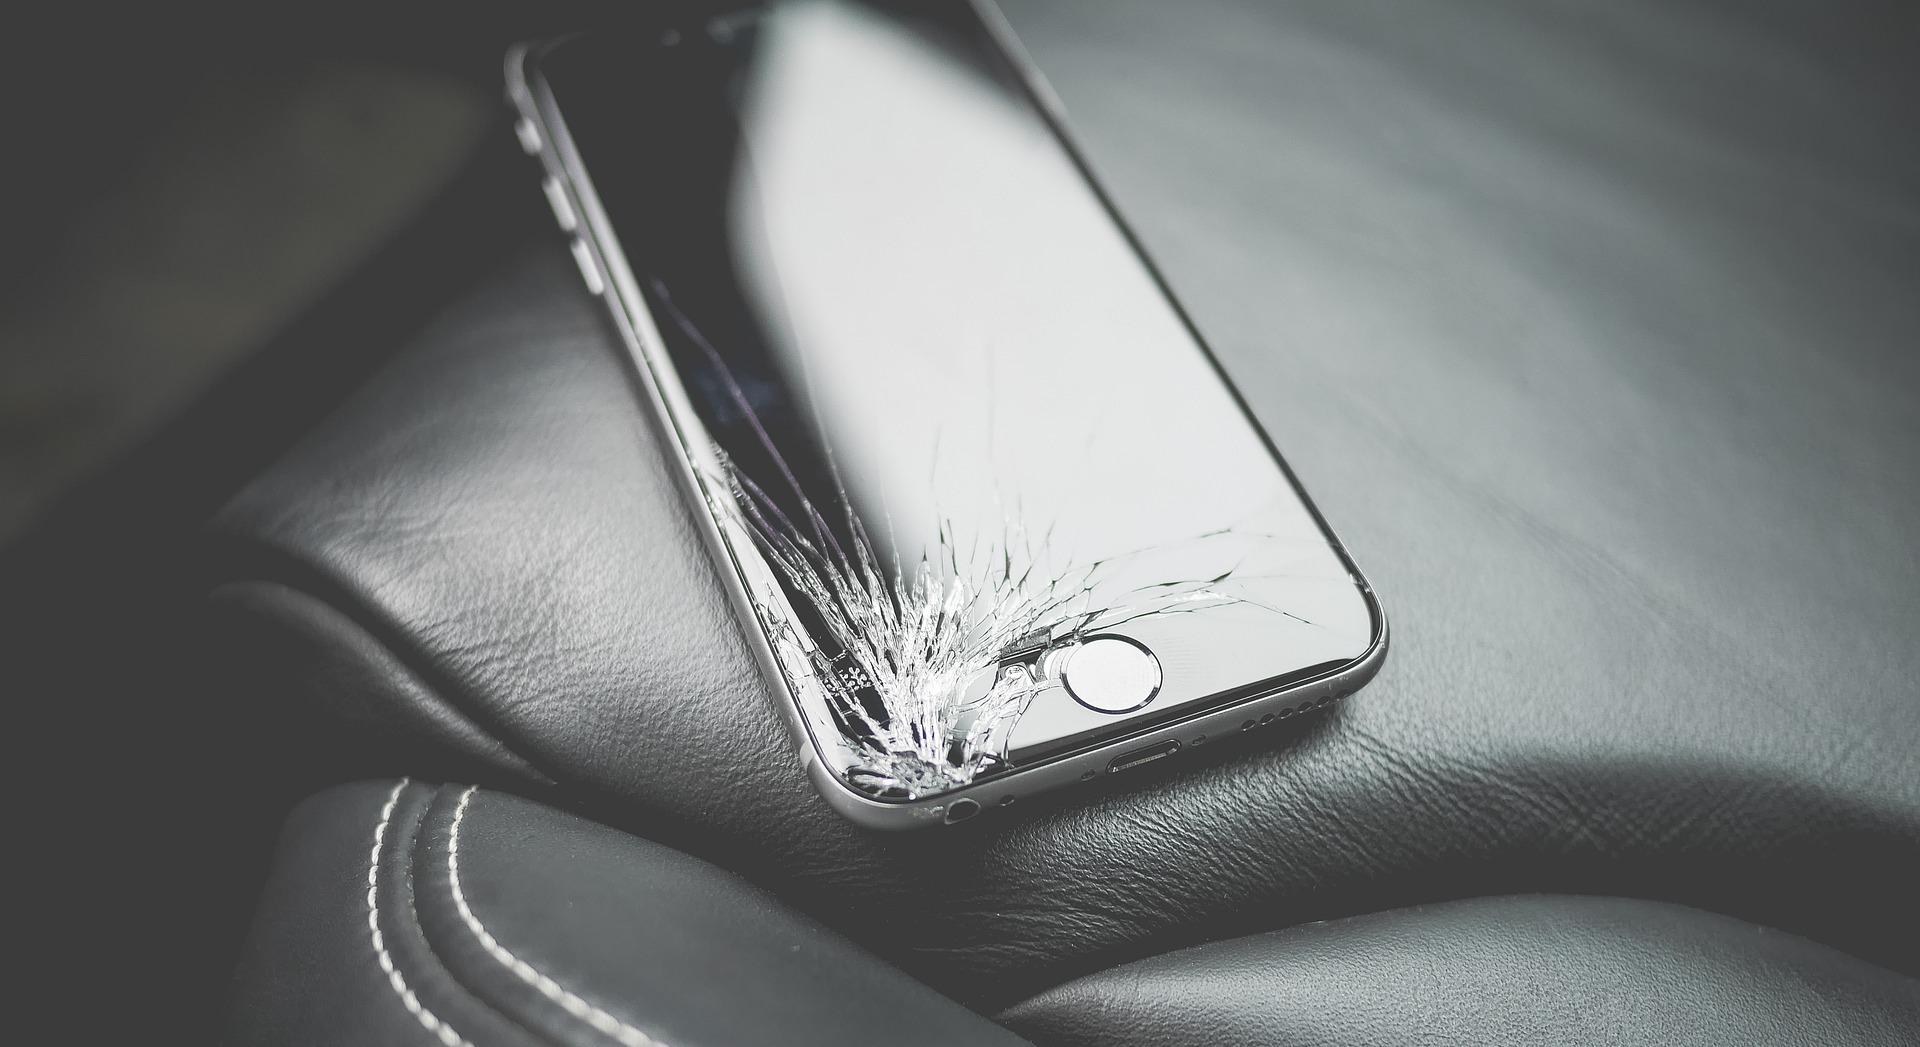 iPhonの画面が割れた写真